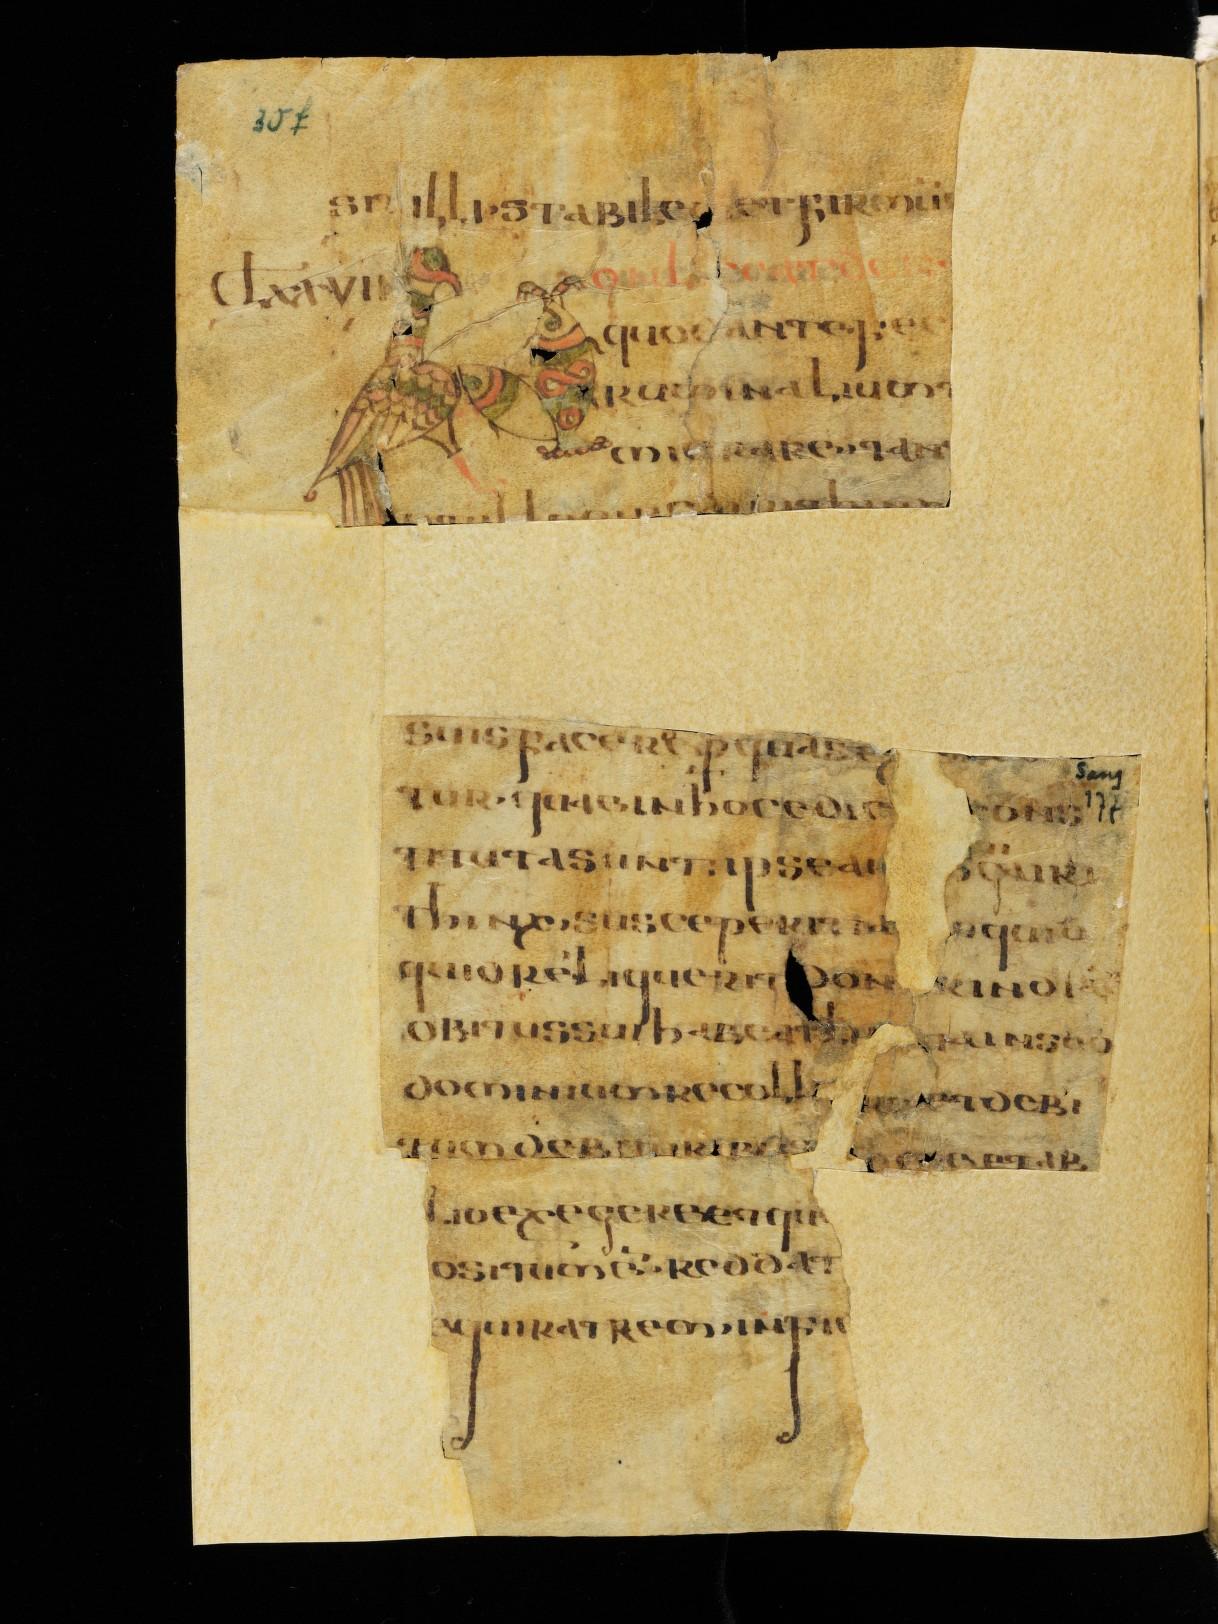 Cod. Sang. 730, p. 30f